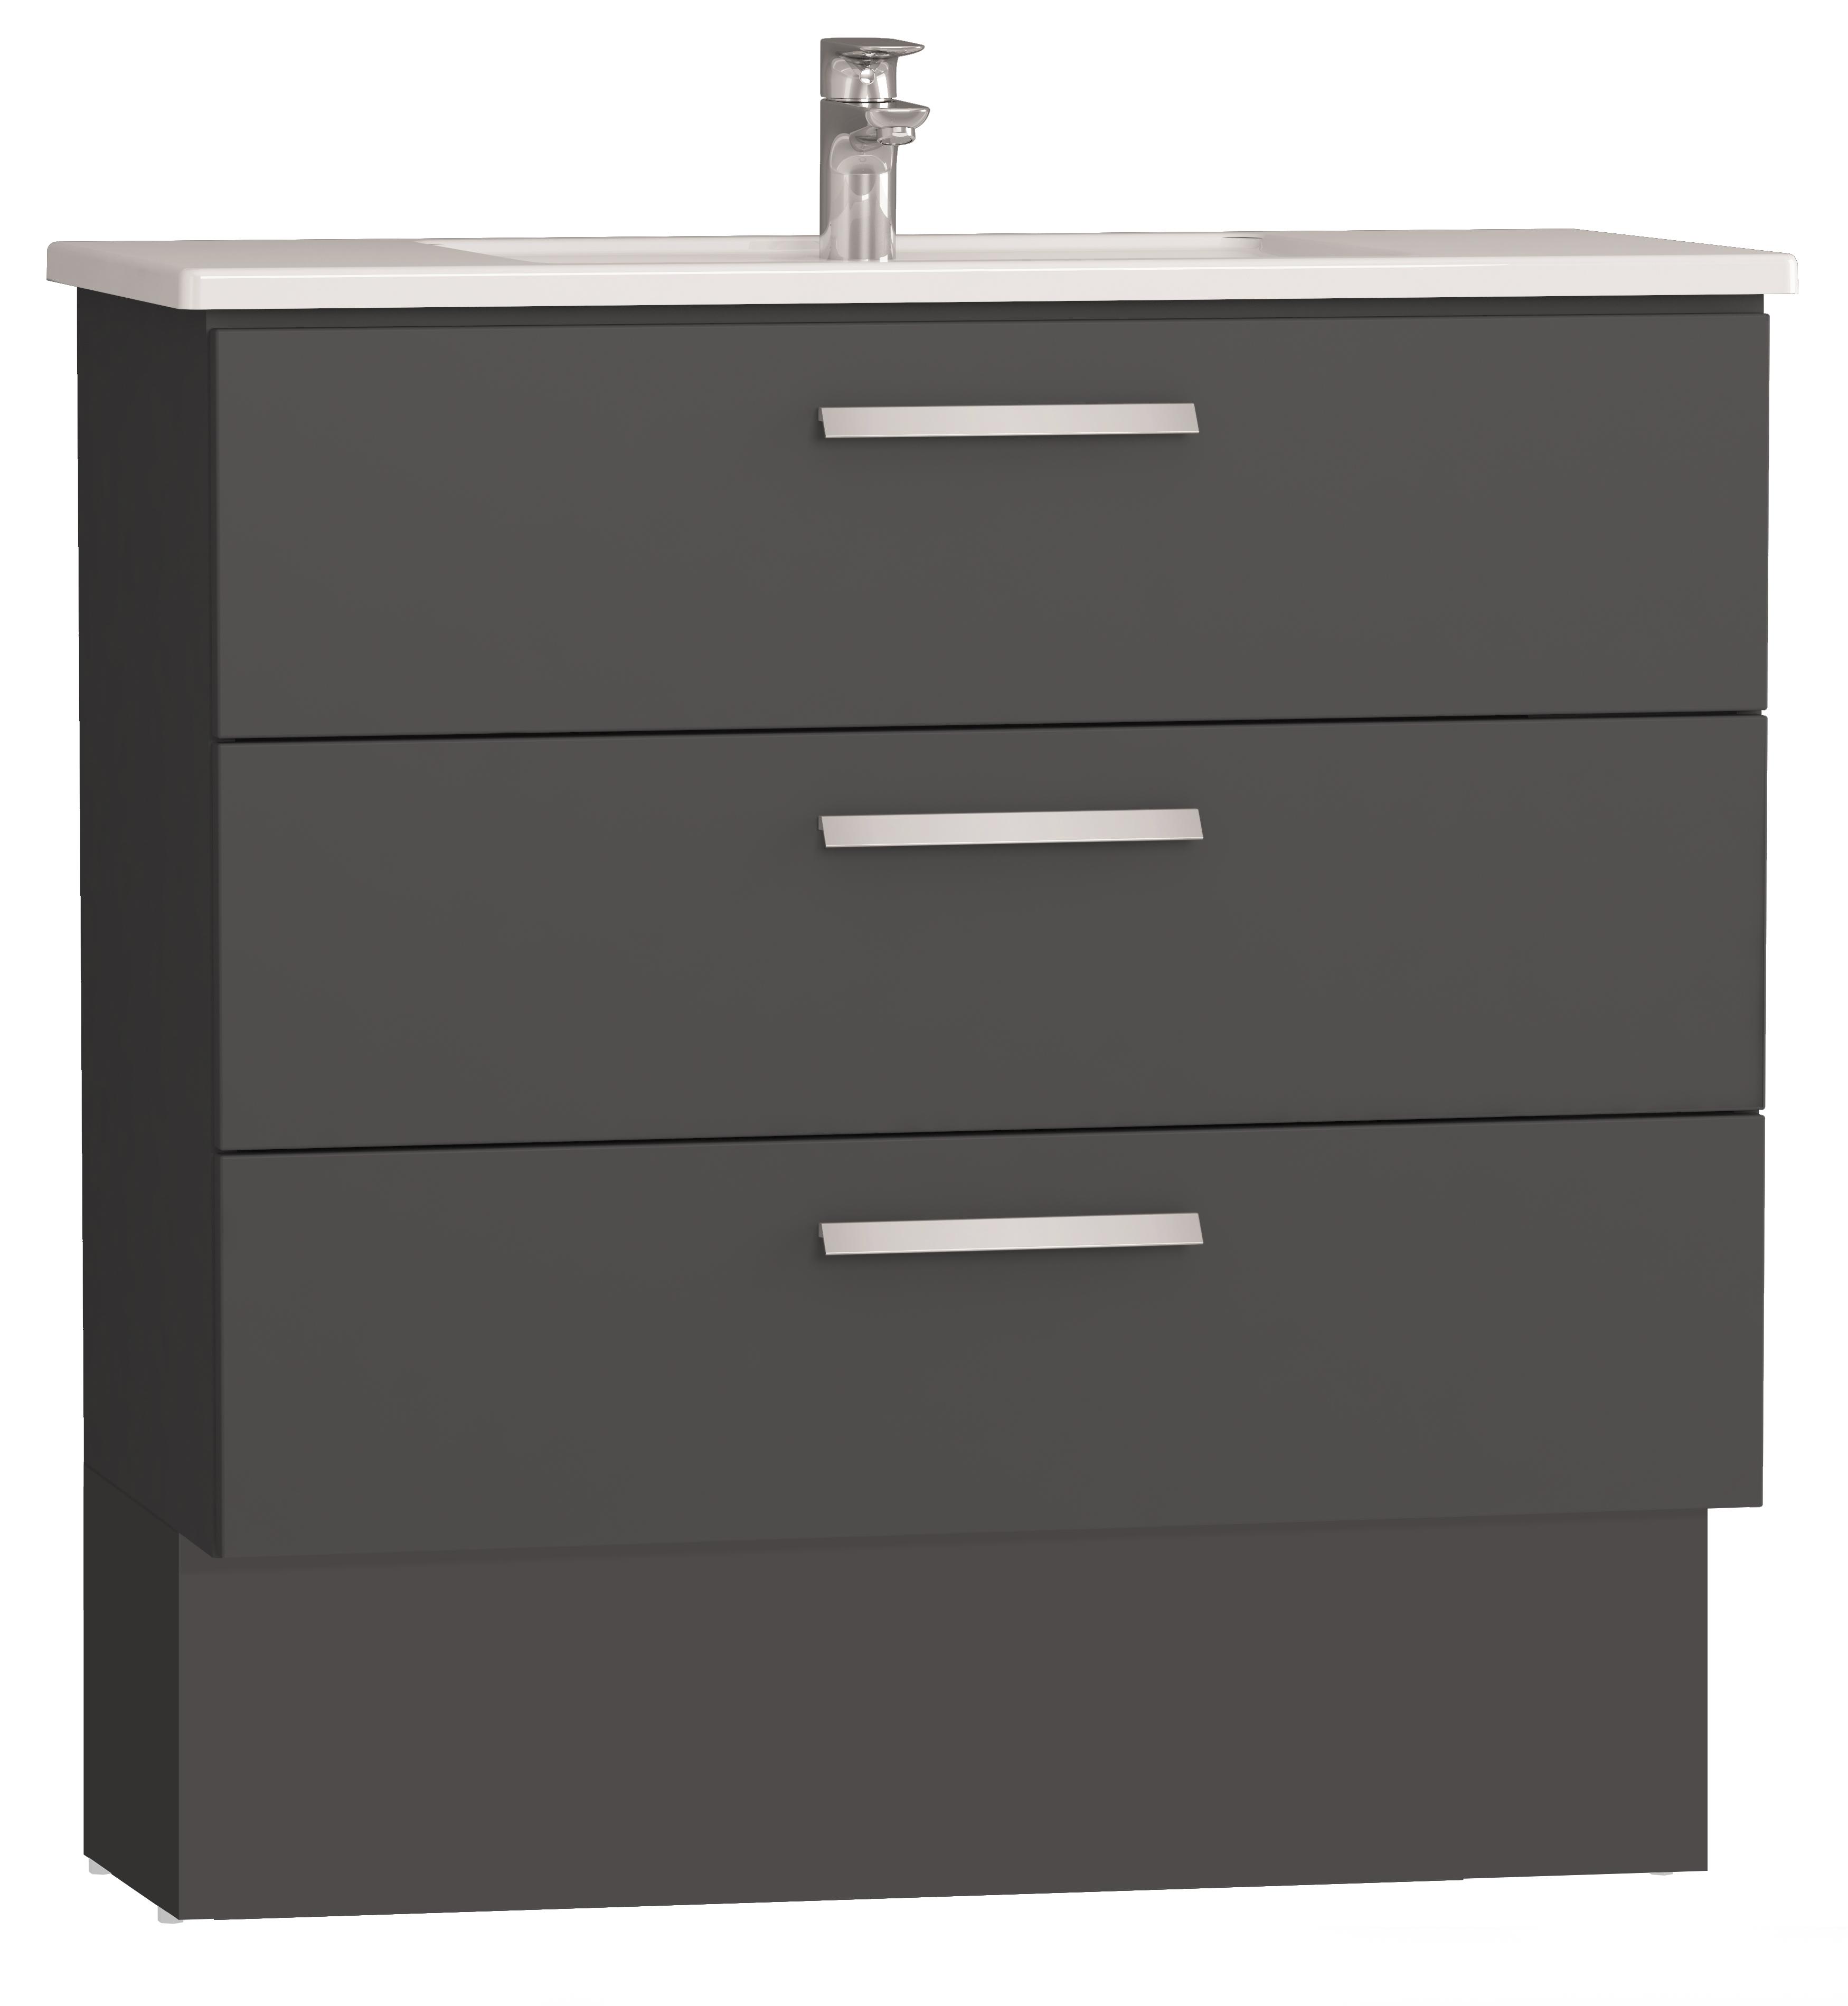 Integra socle pour meuble avec plan céramique et trois tiroirs, 100 cm, anthraciteacite haute brillance